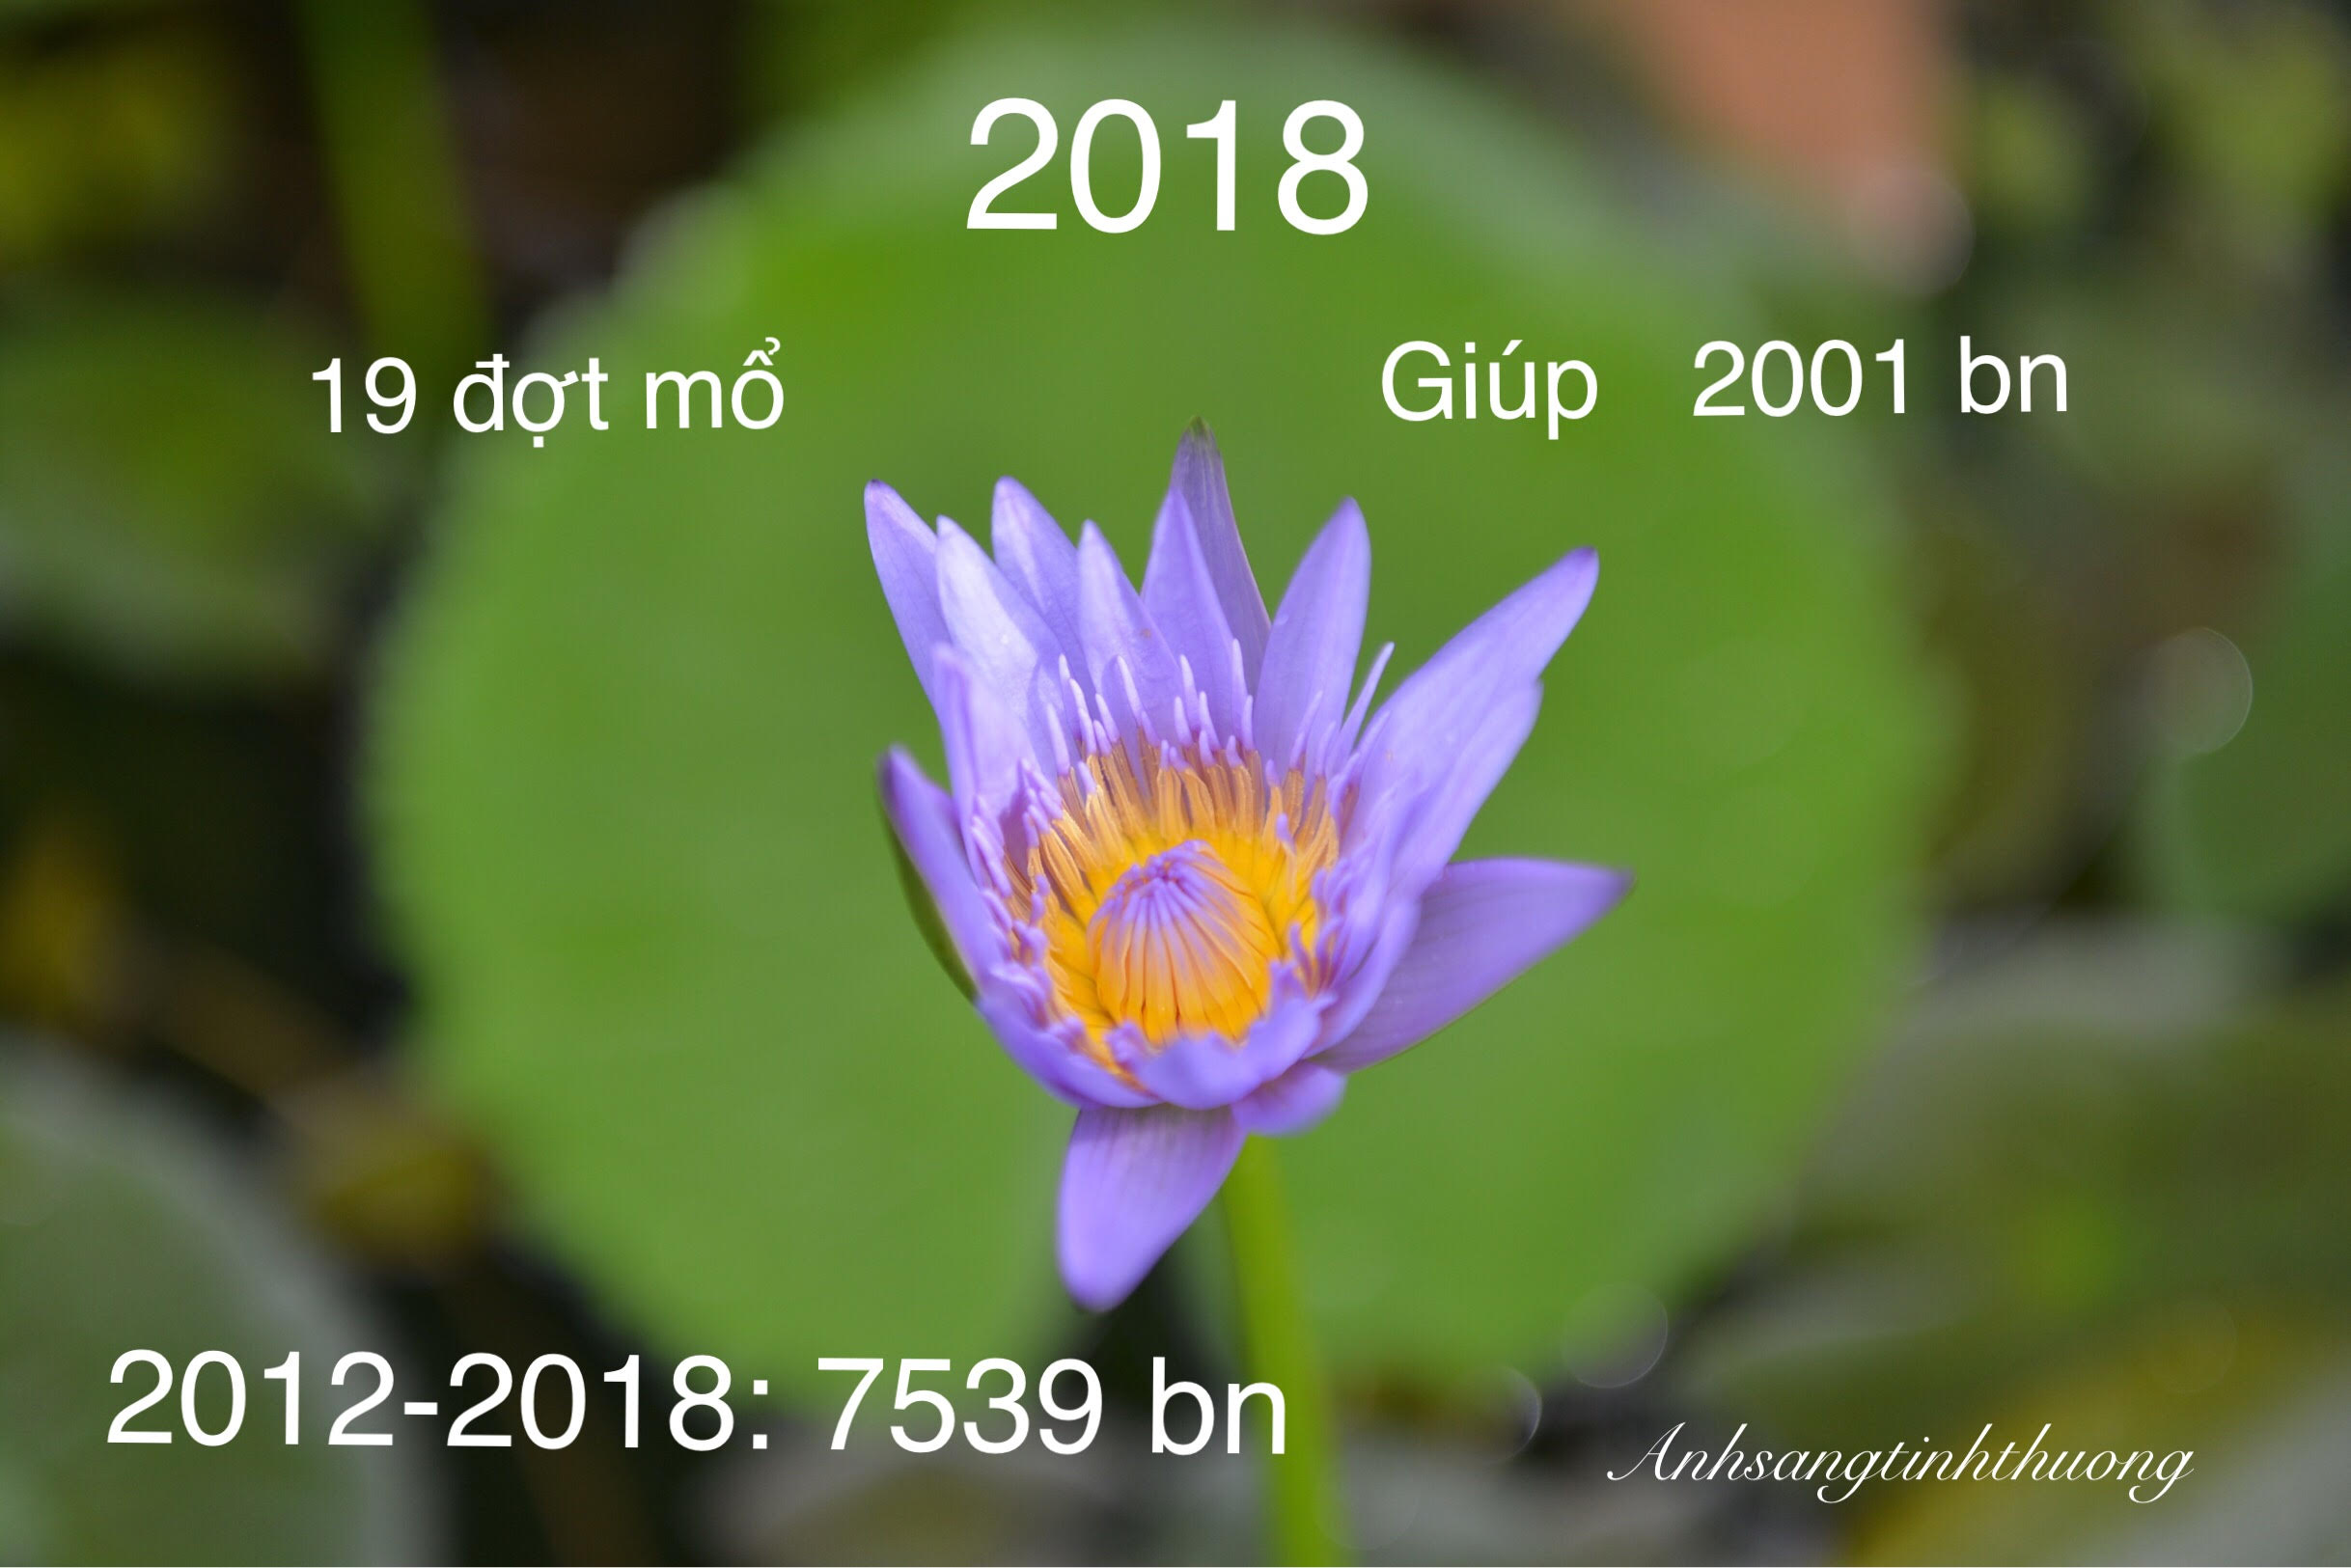 2019-thankyou